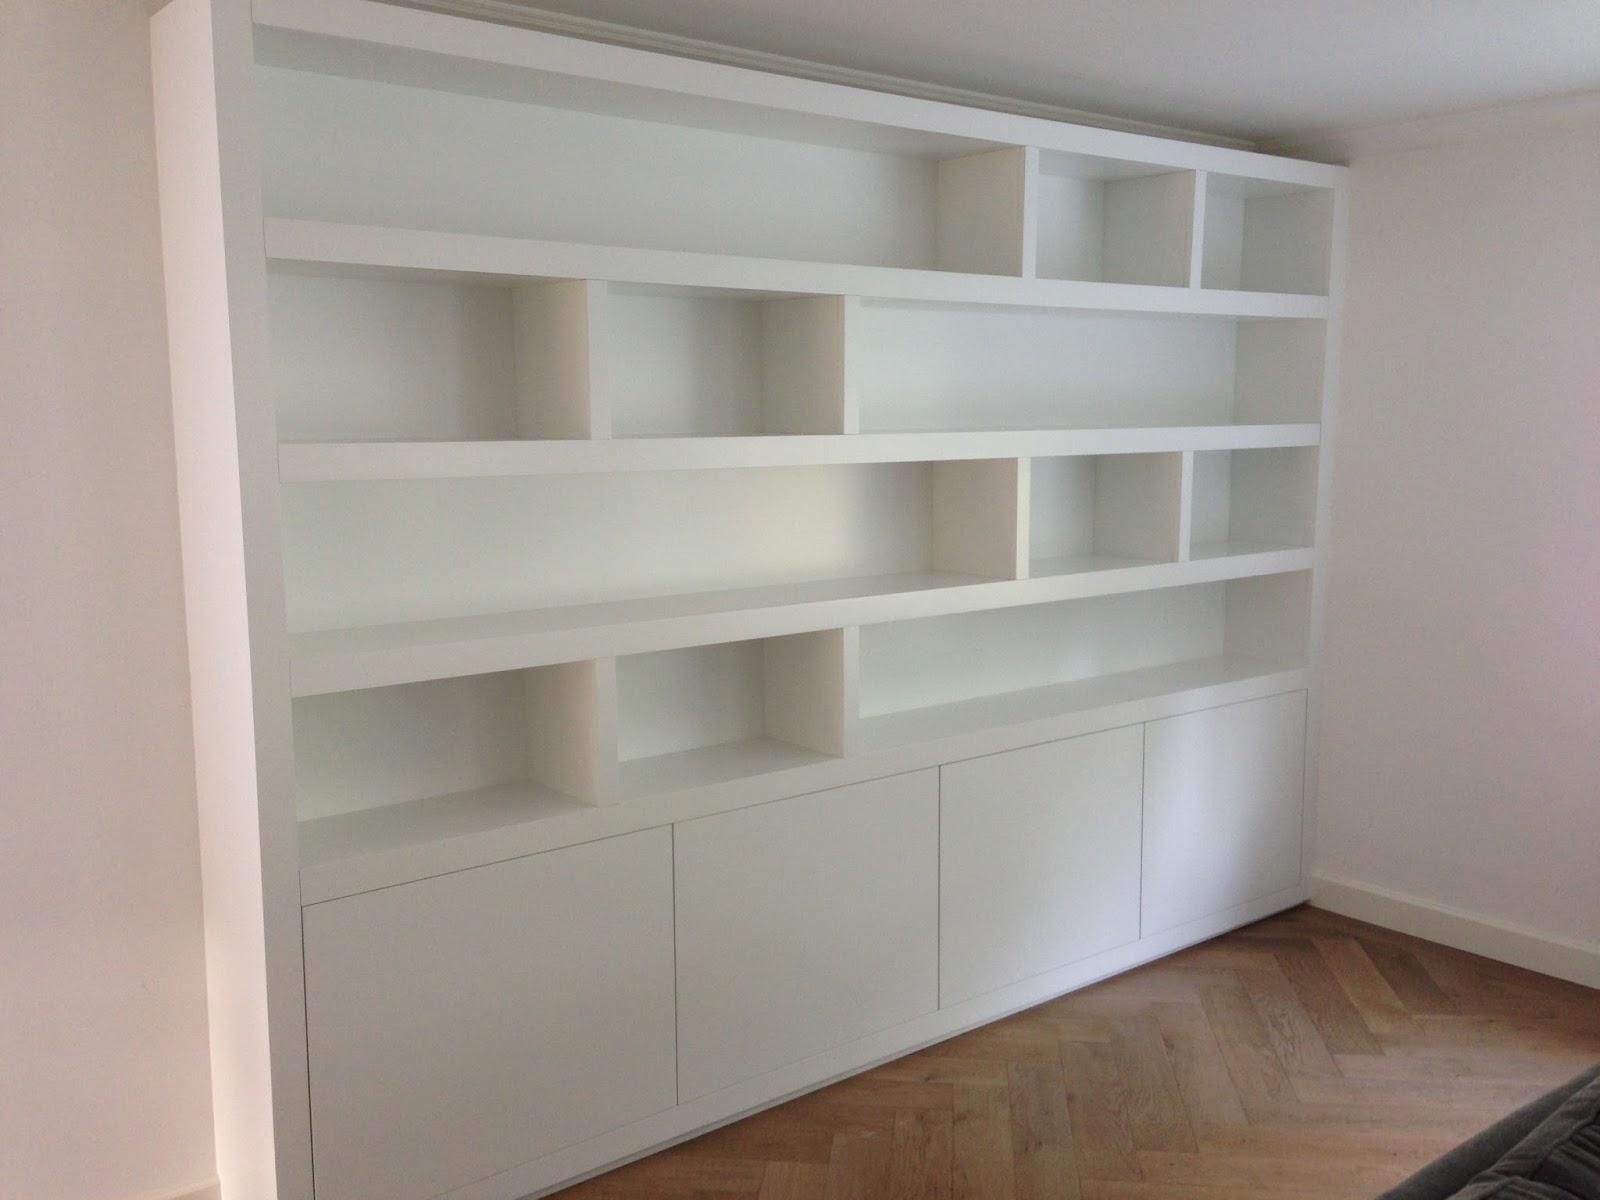 cool moderne combinaties van ensuite en boekenkast en dat met warme eiken vloeren en inbouw met eiken deuren in de olie afgewerkt with boekenkast met deuren